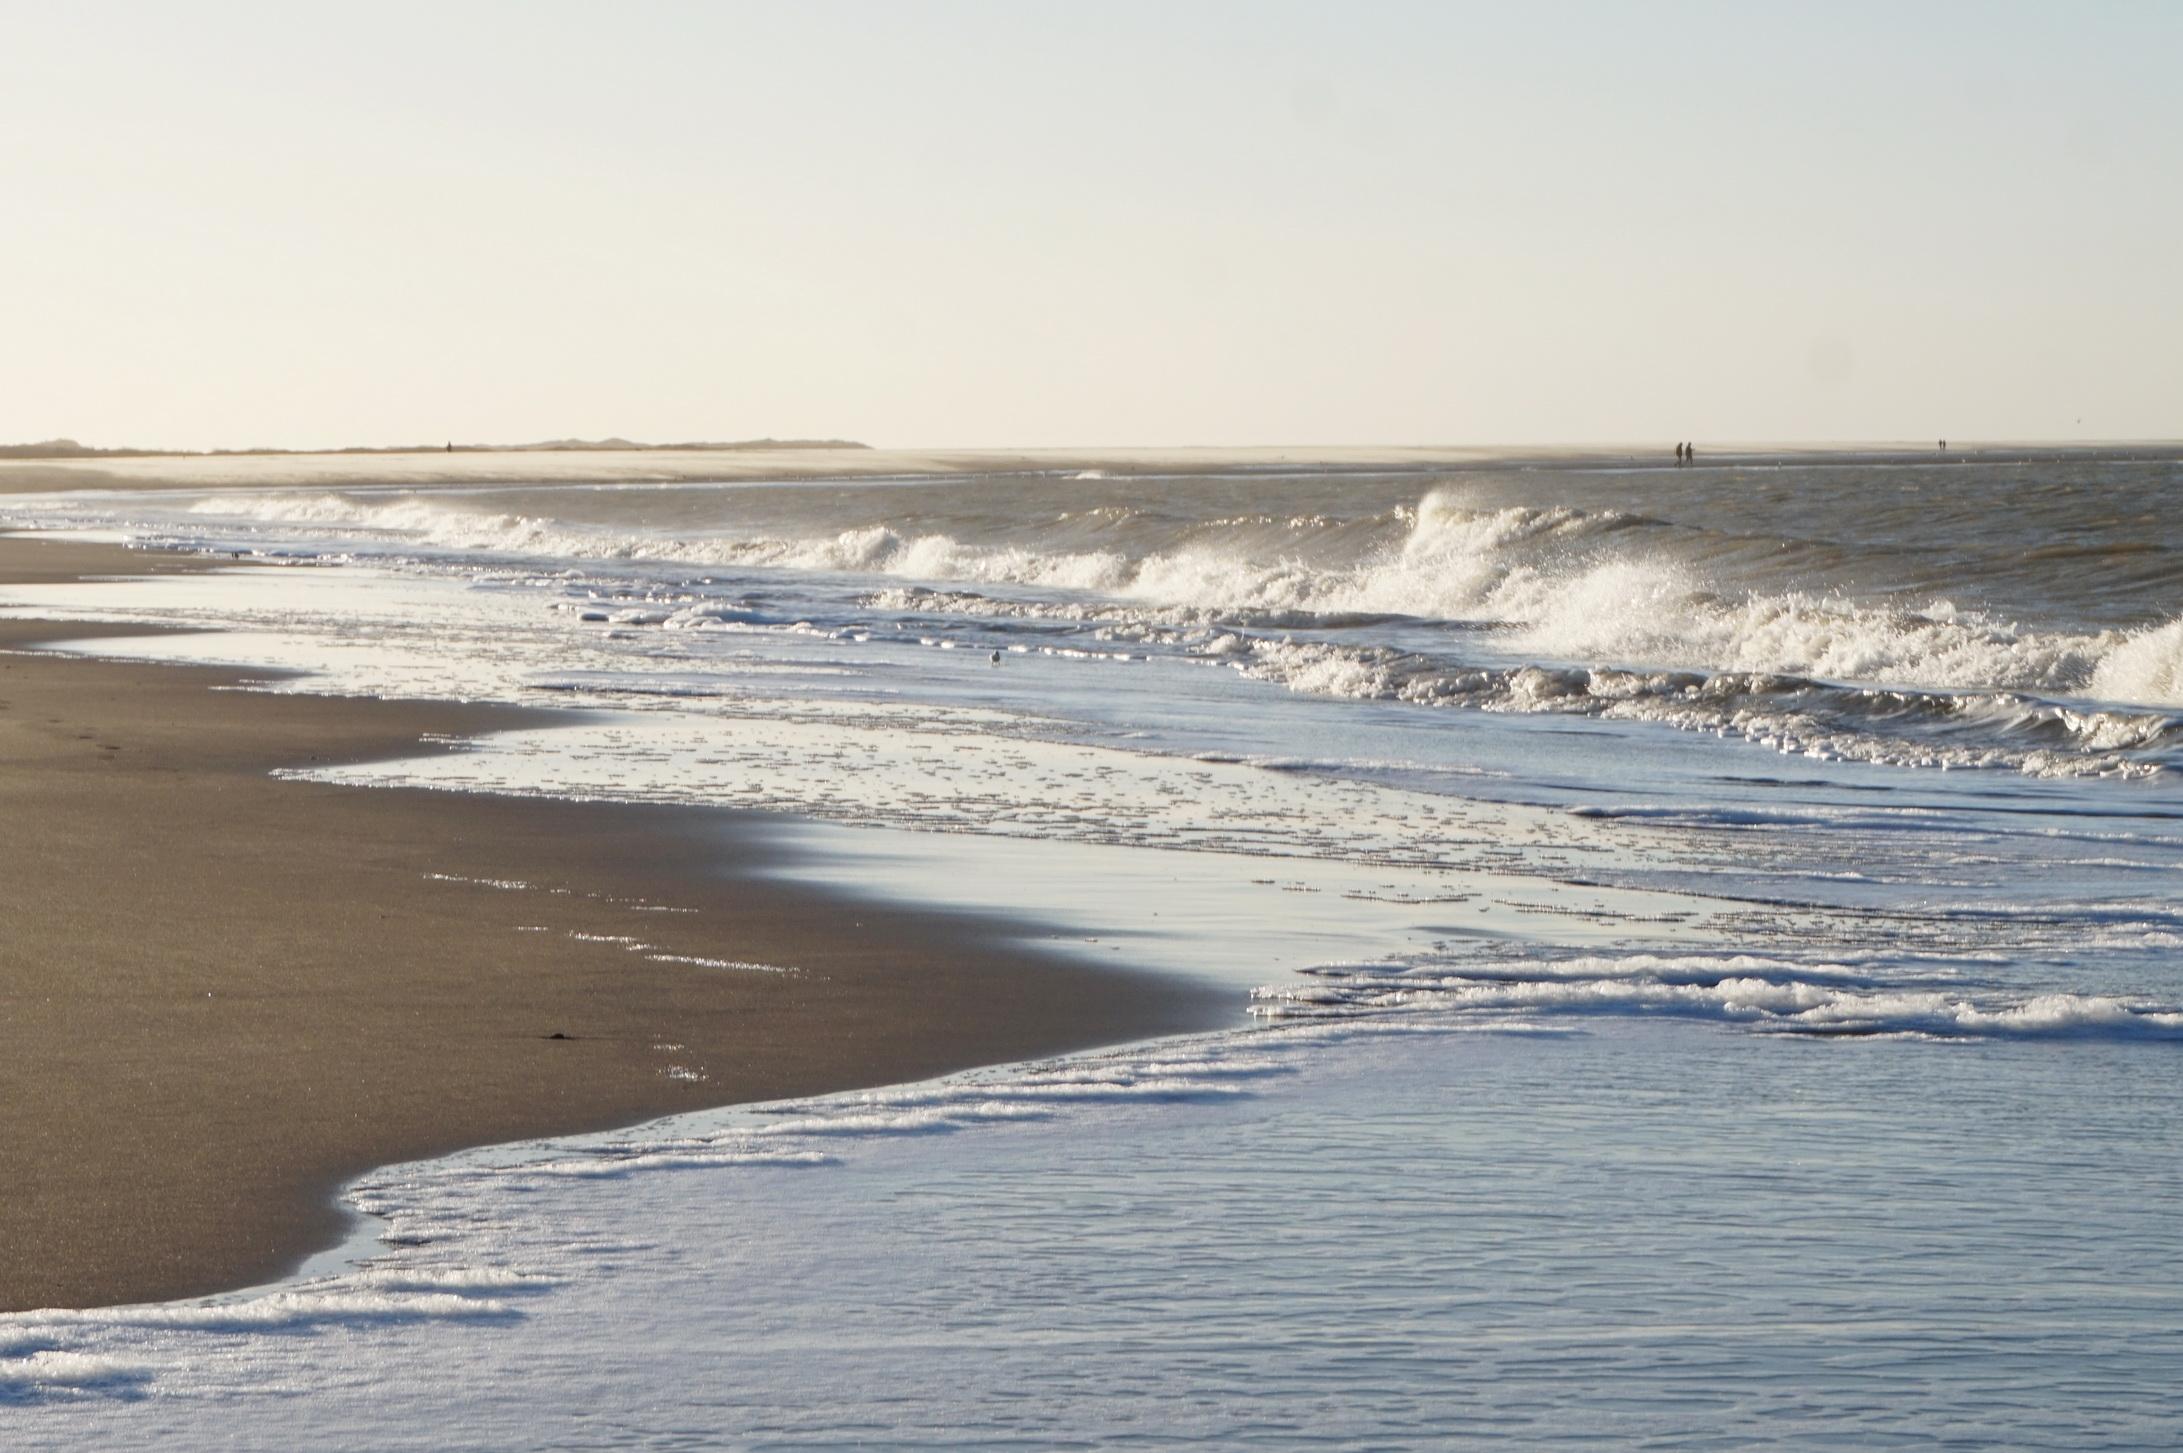 Der Wind und die Wellen ... das hatte etwas ganz besonderes